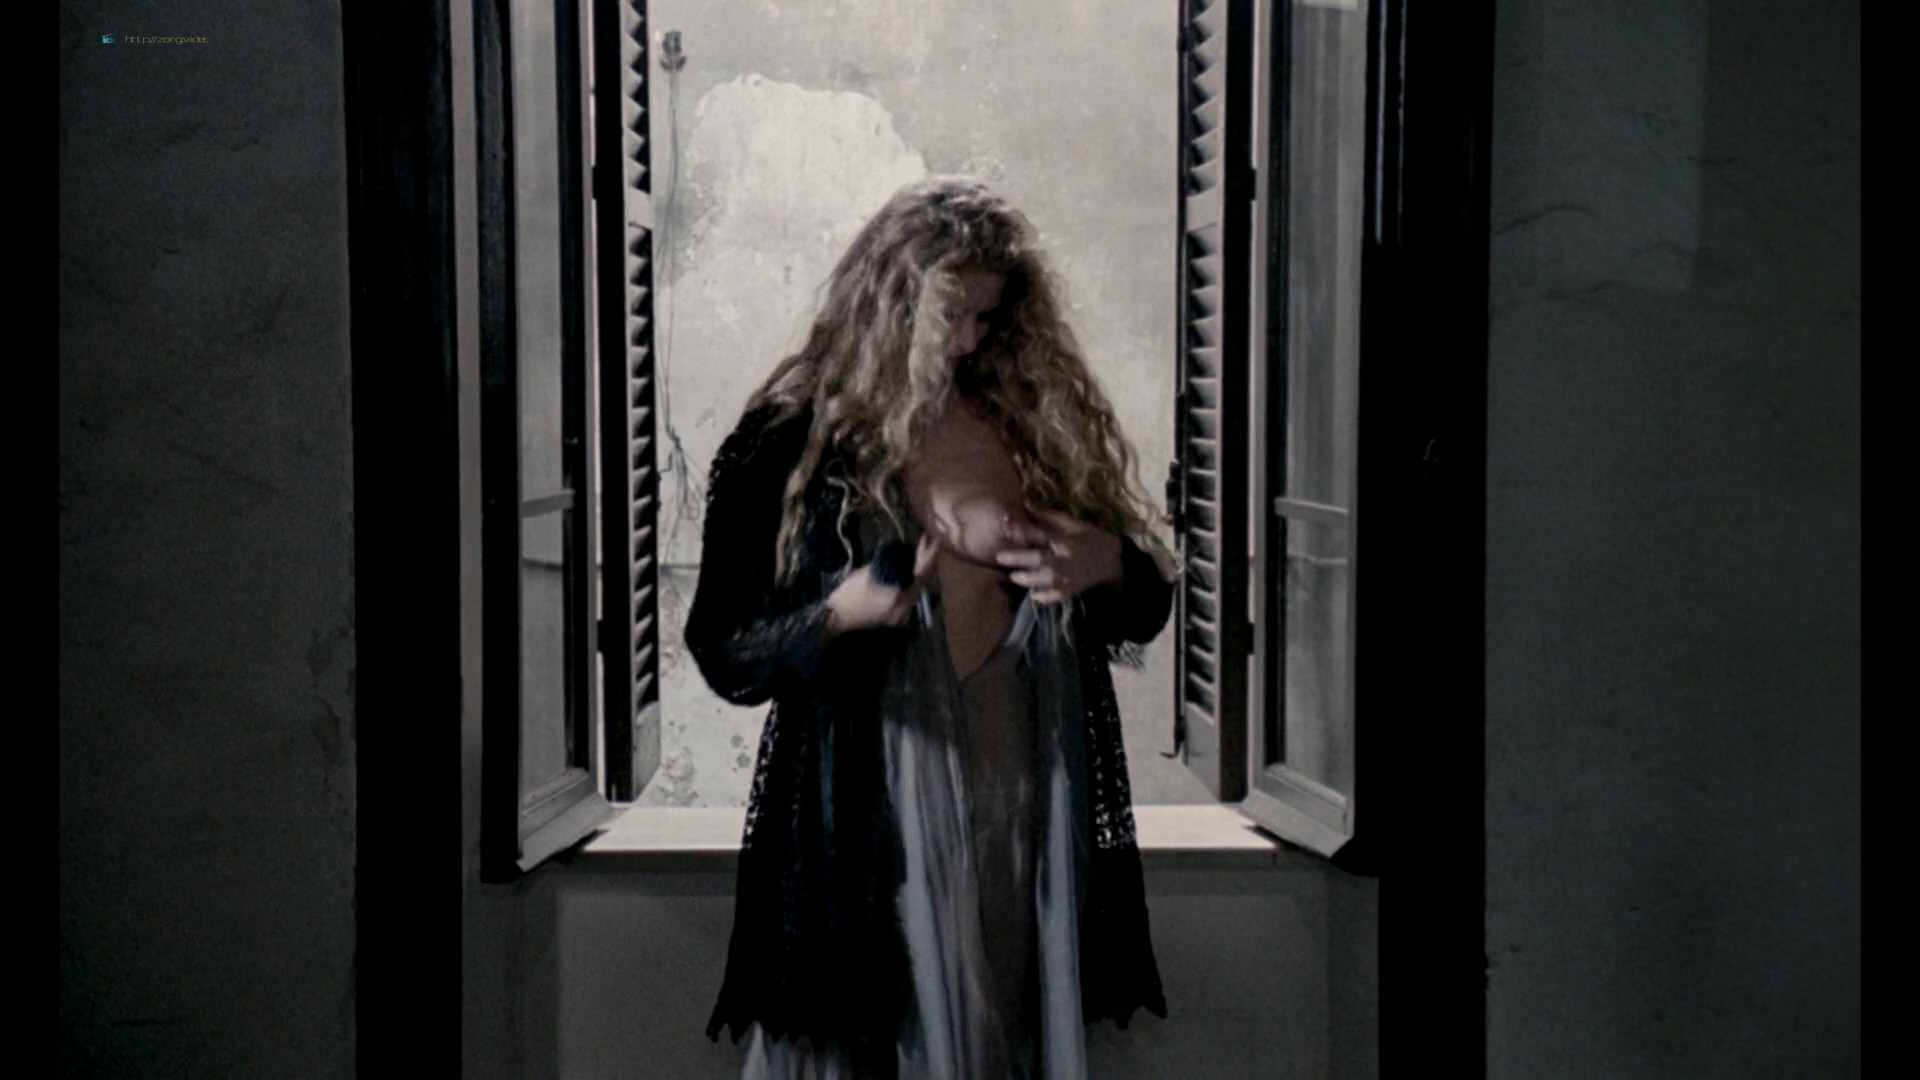 Domiziana Giordano nude topless - Nostalghia (1983) HD 1080p BluRay (5)